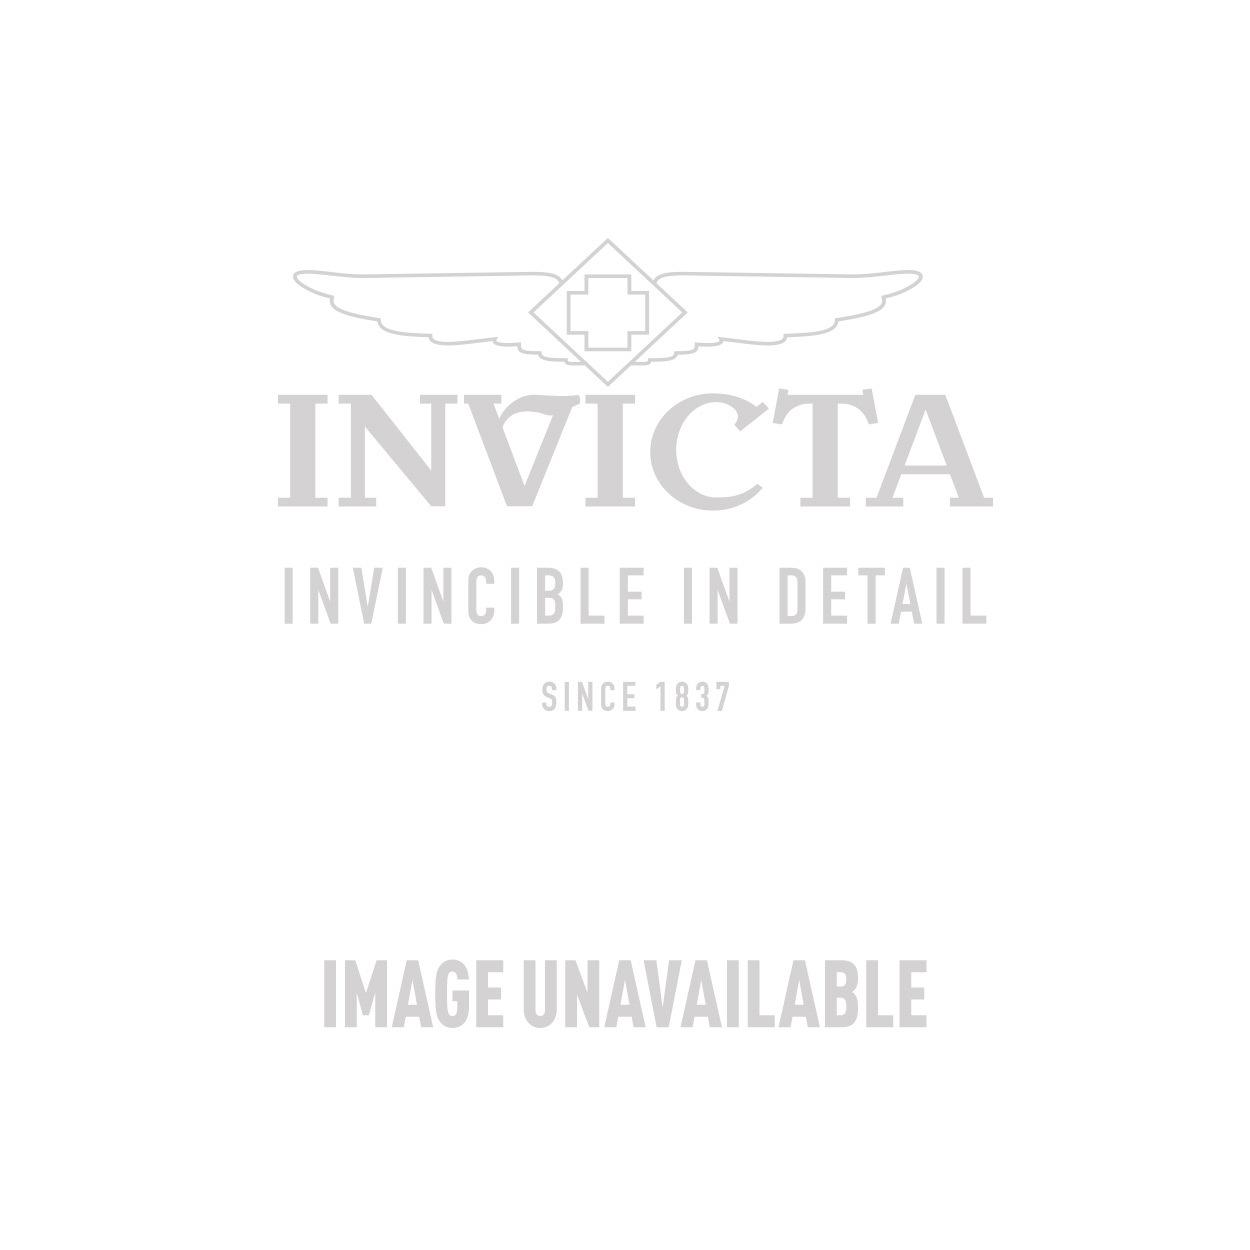 Invicta Model 27879